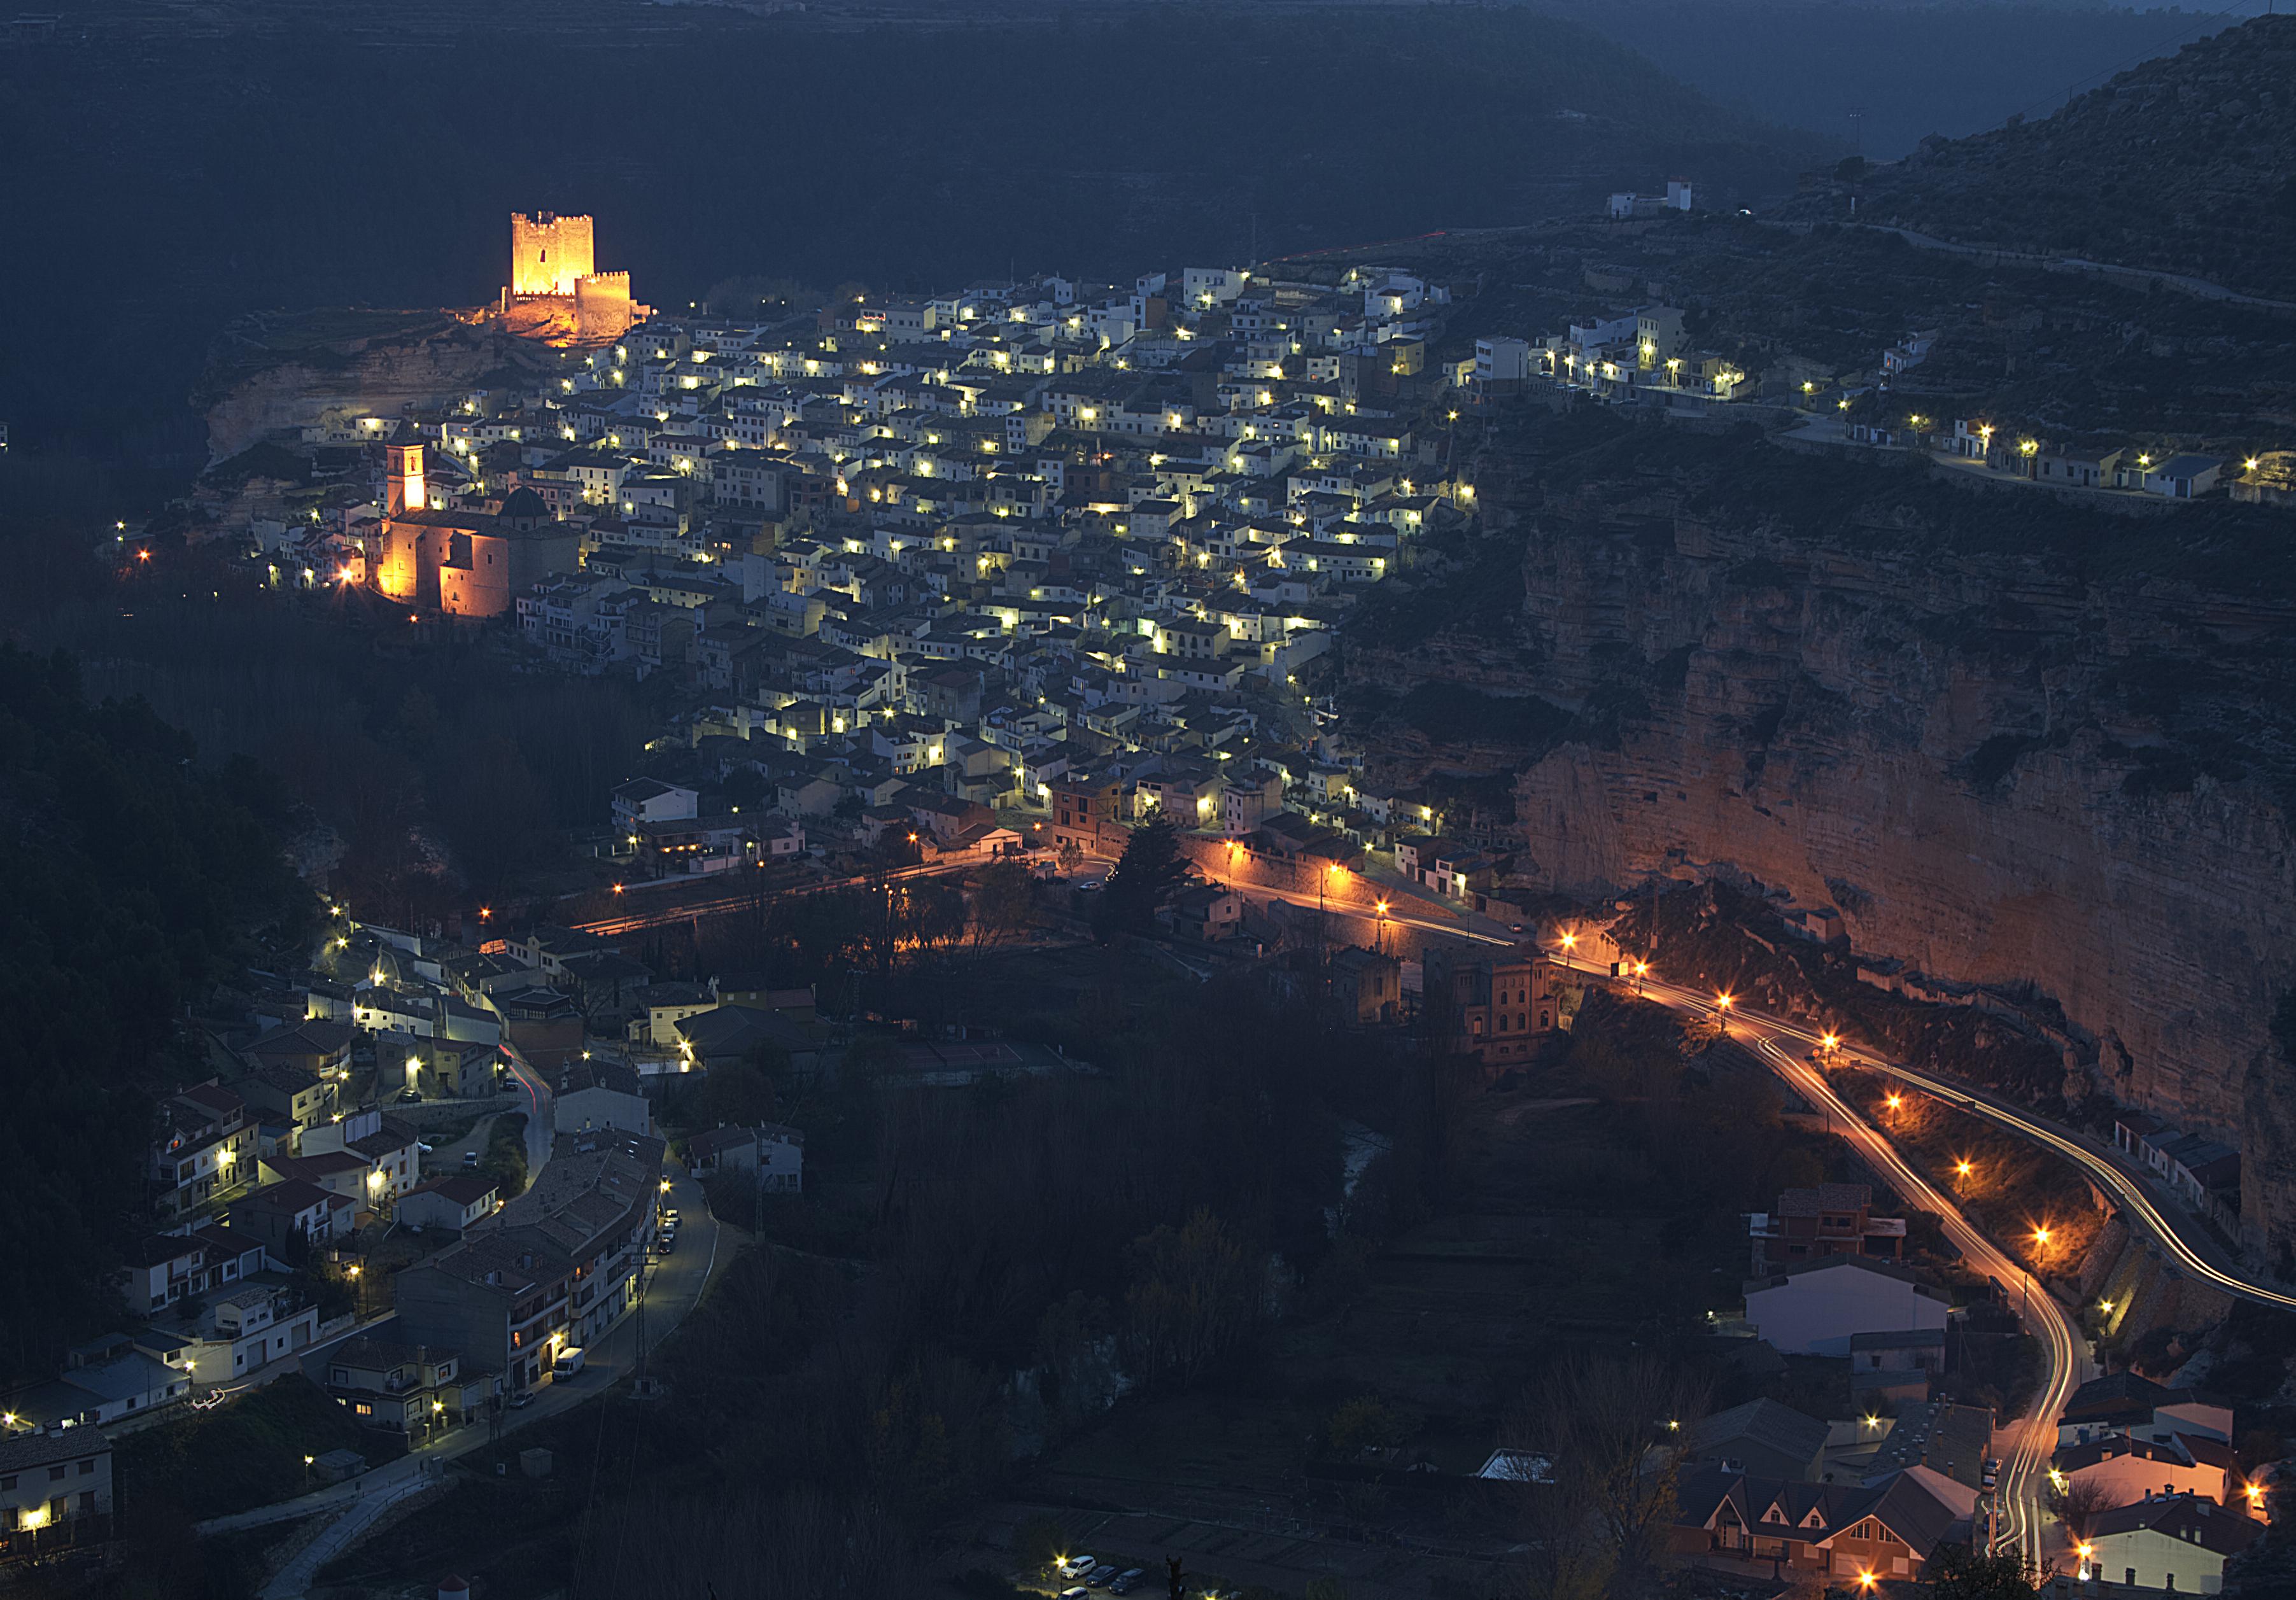 6506164599 40c90a9bef o Alcalá del Júcar, el lugar perfecto para hacer turismo rural en otoño